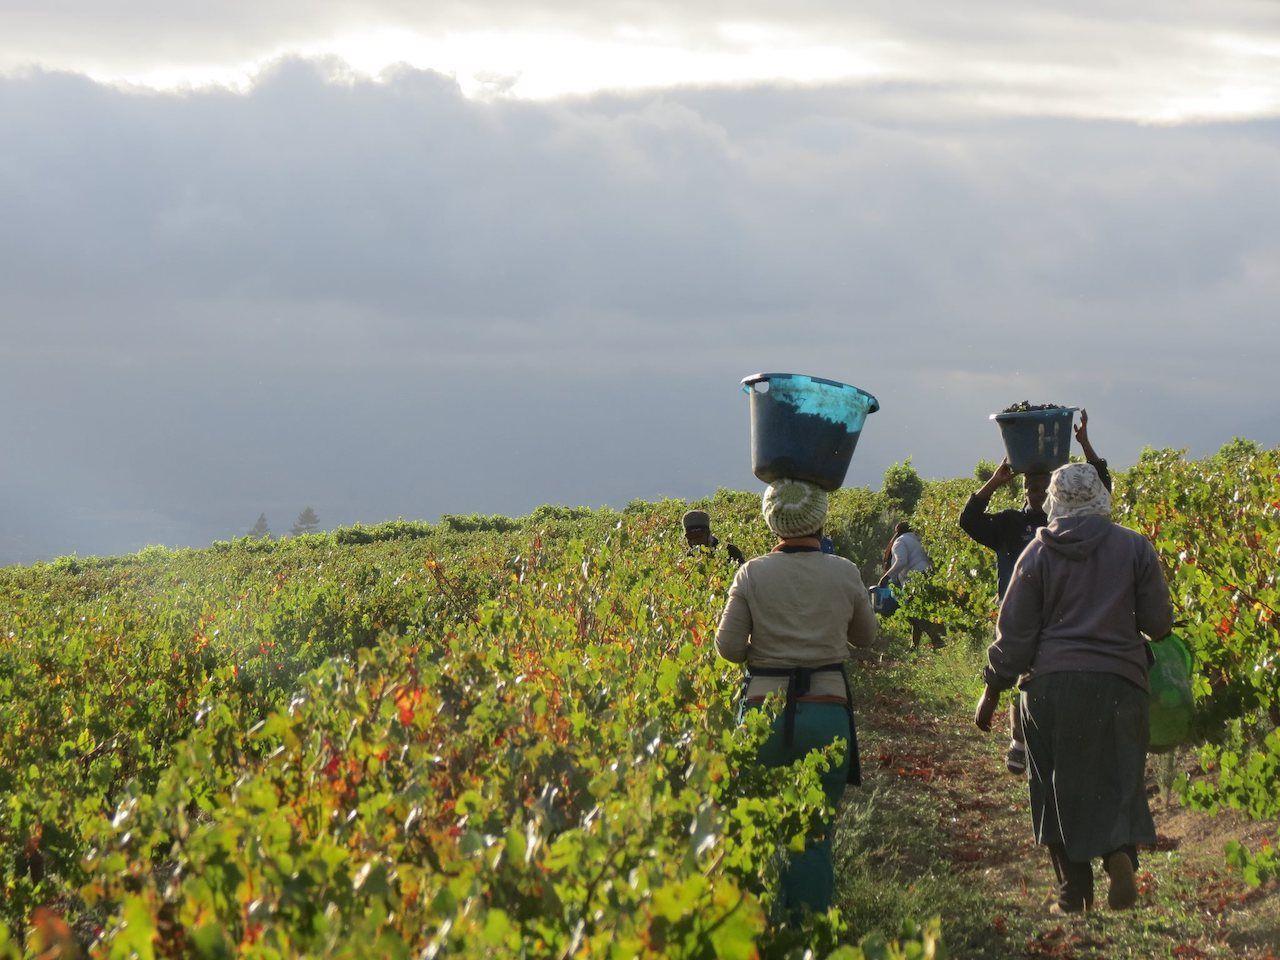 Ingrid de Waal winery